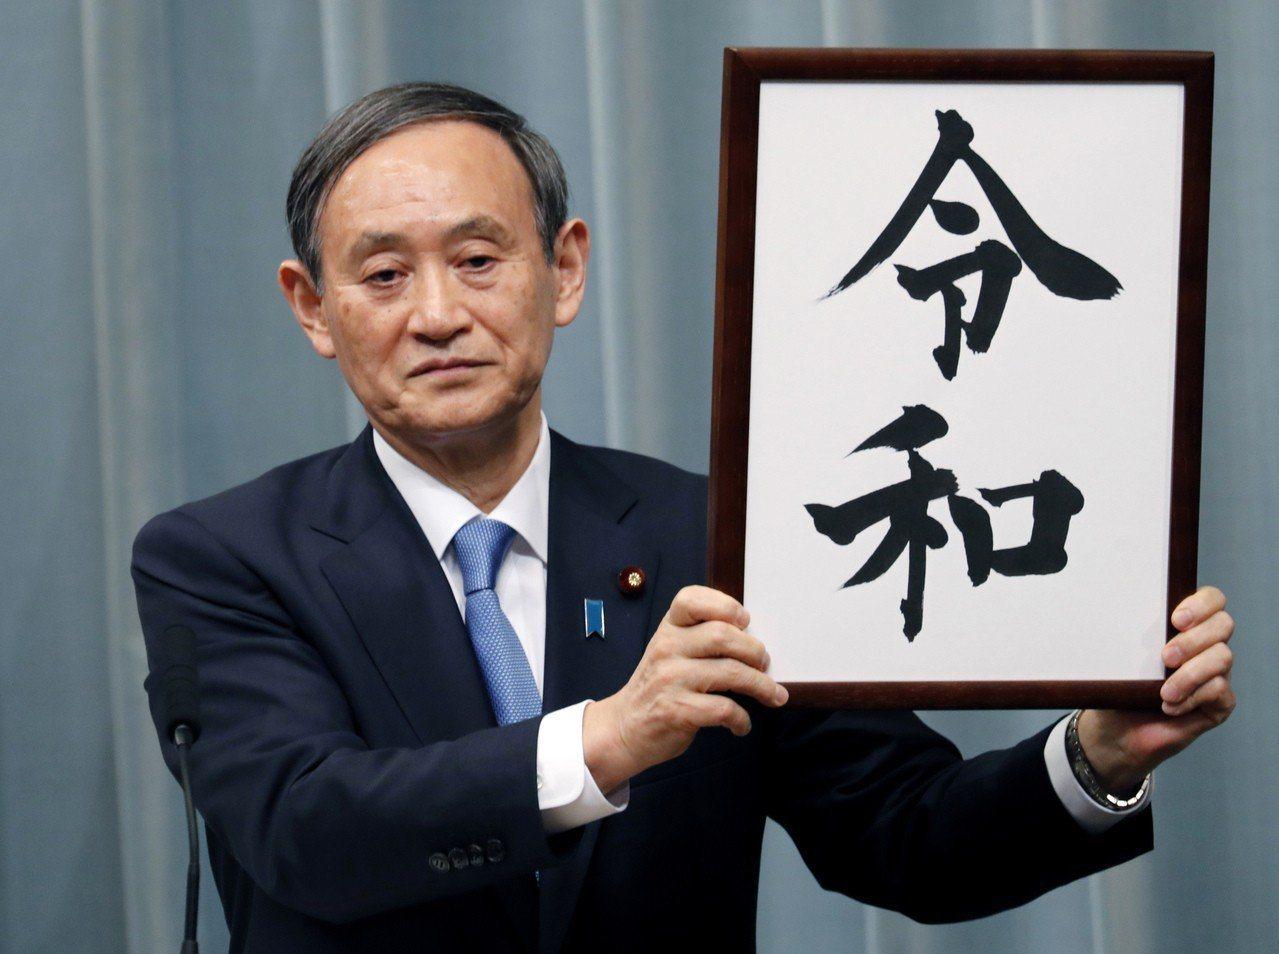 日本皇太子德仁將於5月1日登基,並使用新年號「令和」。(美聯社)